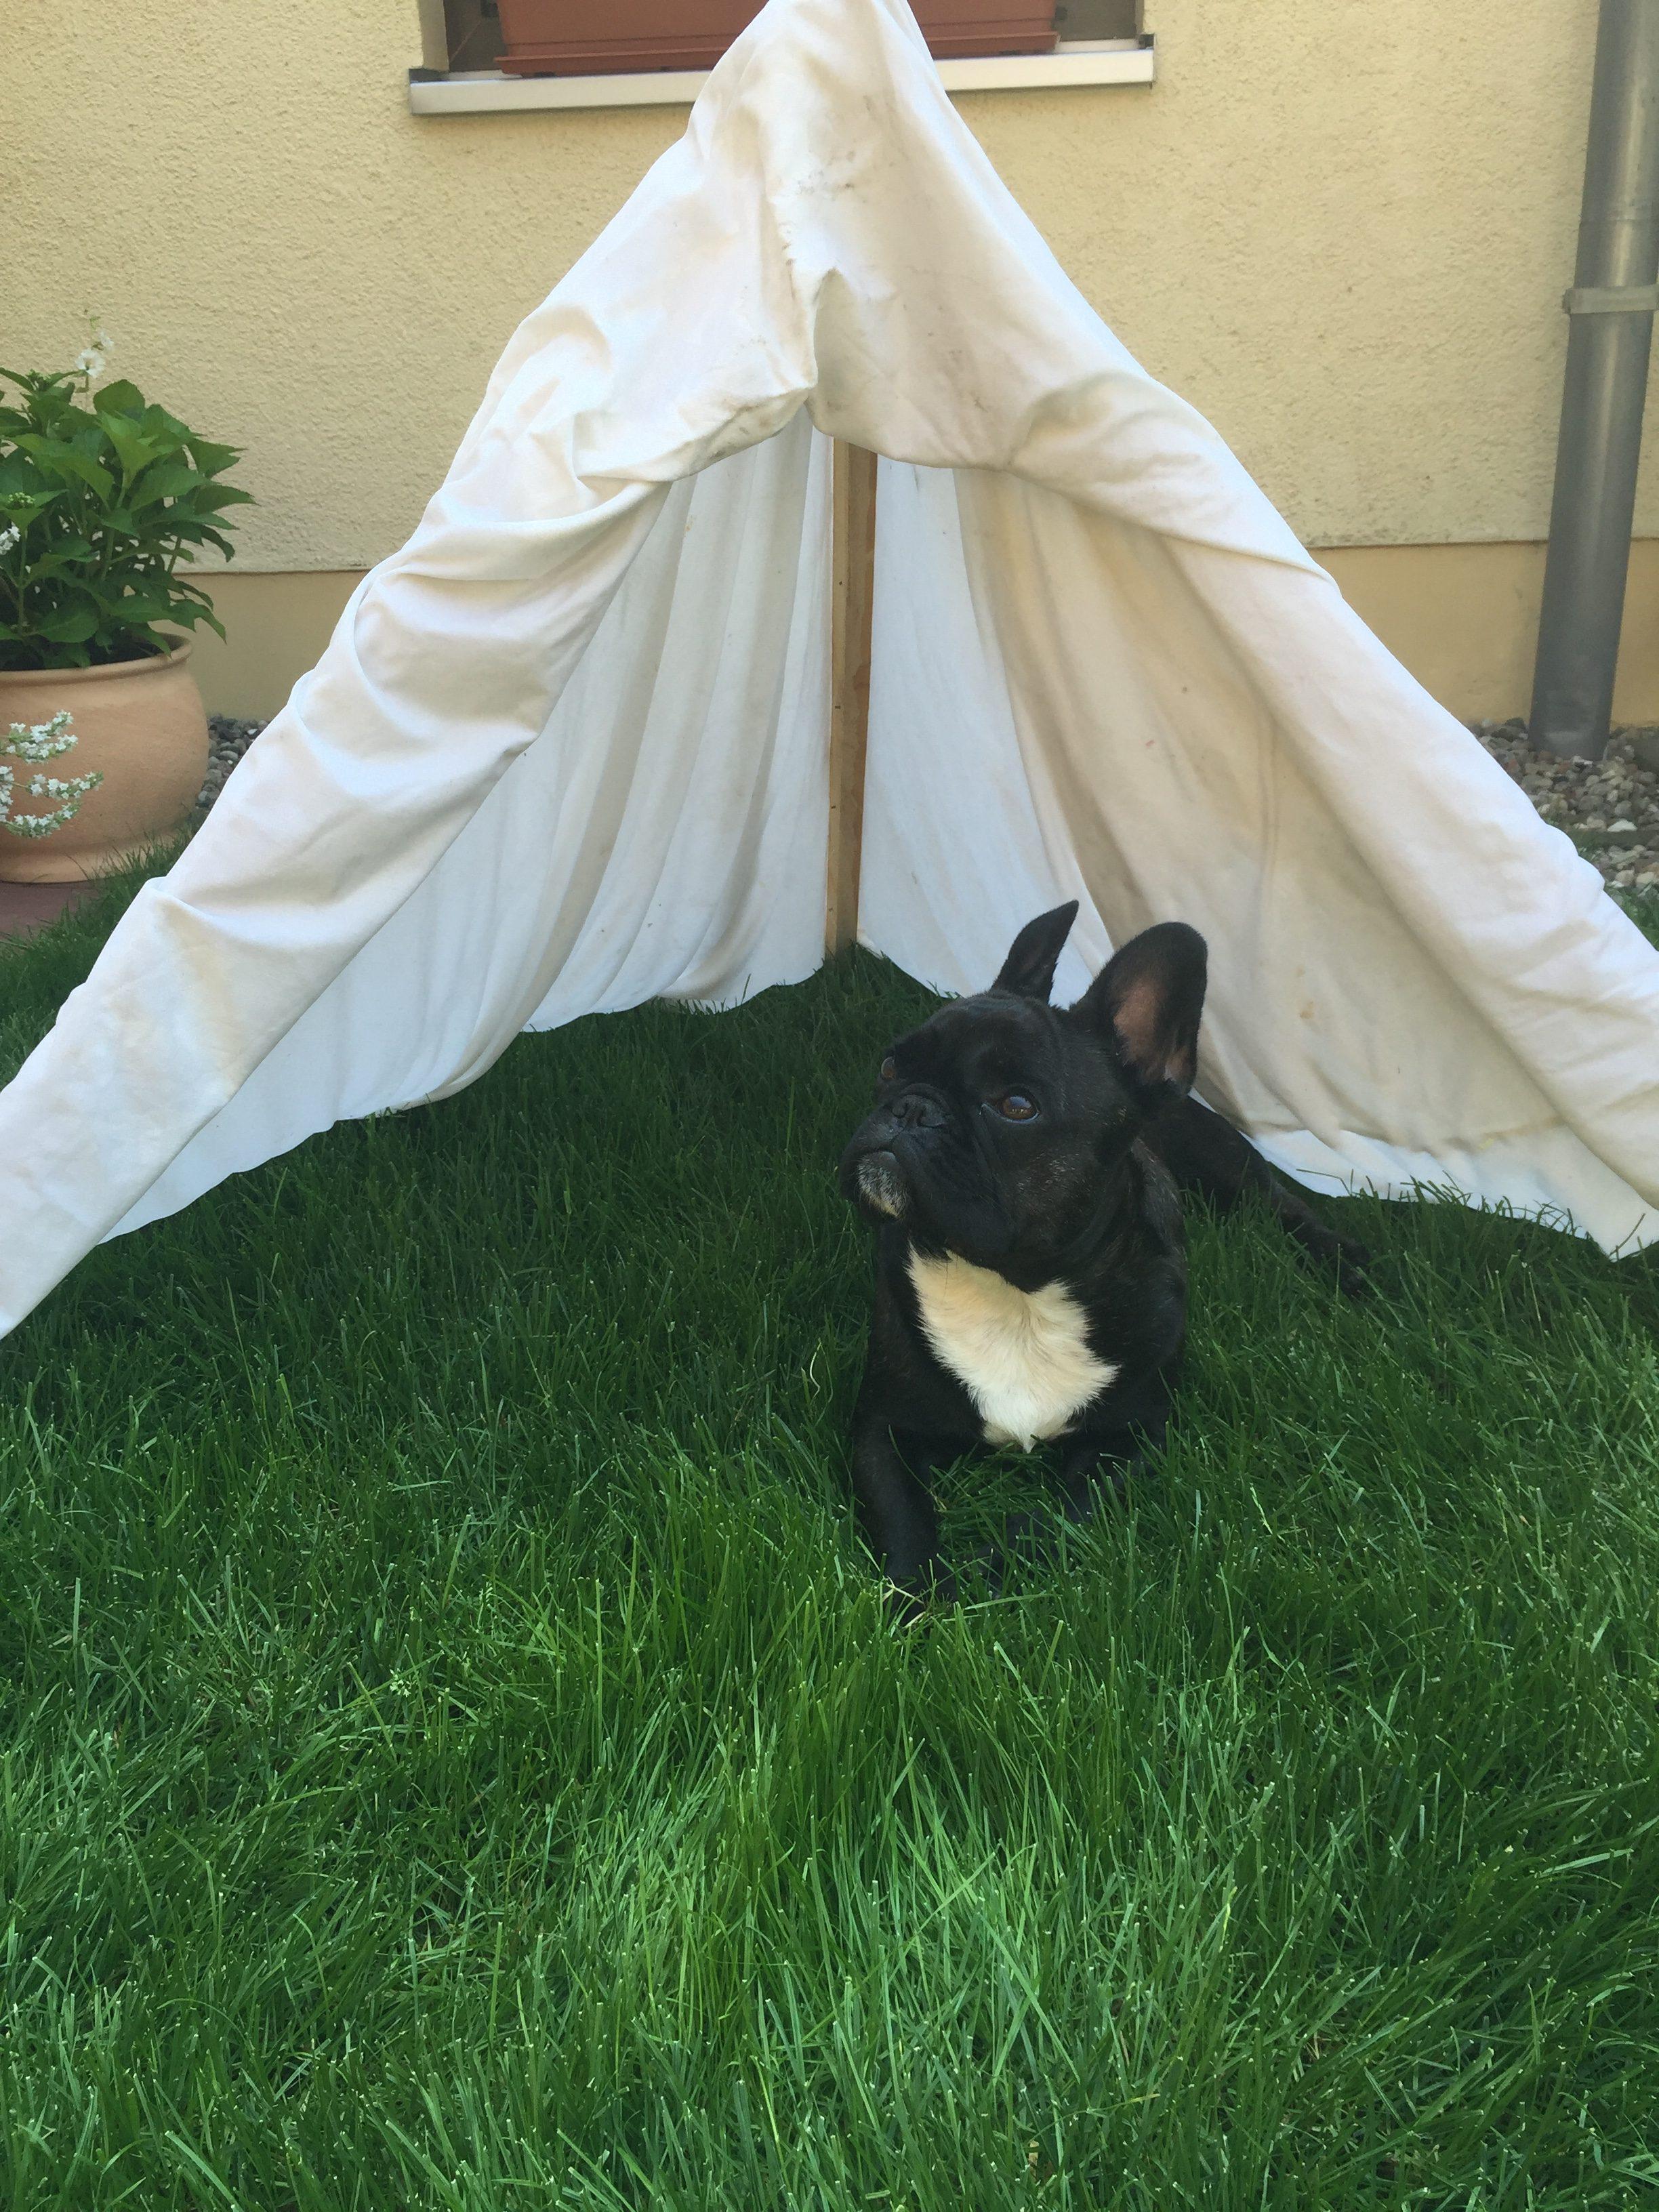 Hundezelt selber bauen (schützt vor Hitze)